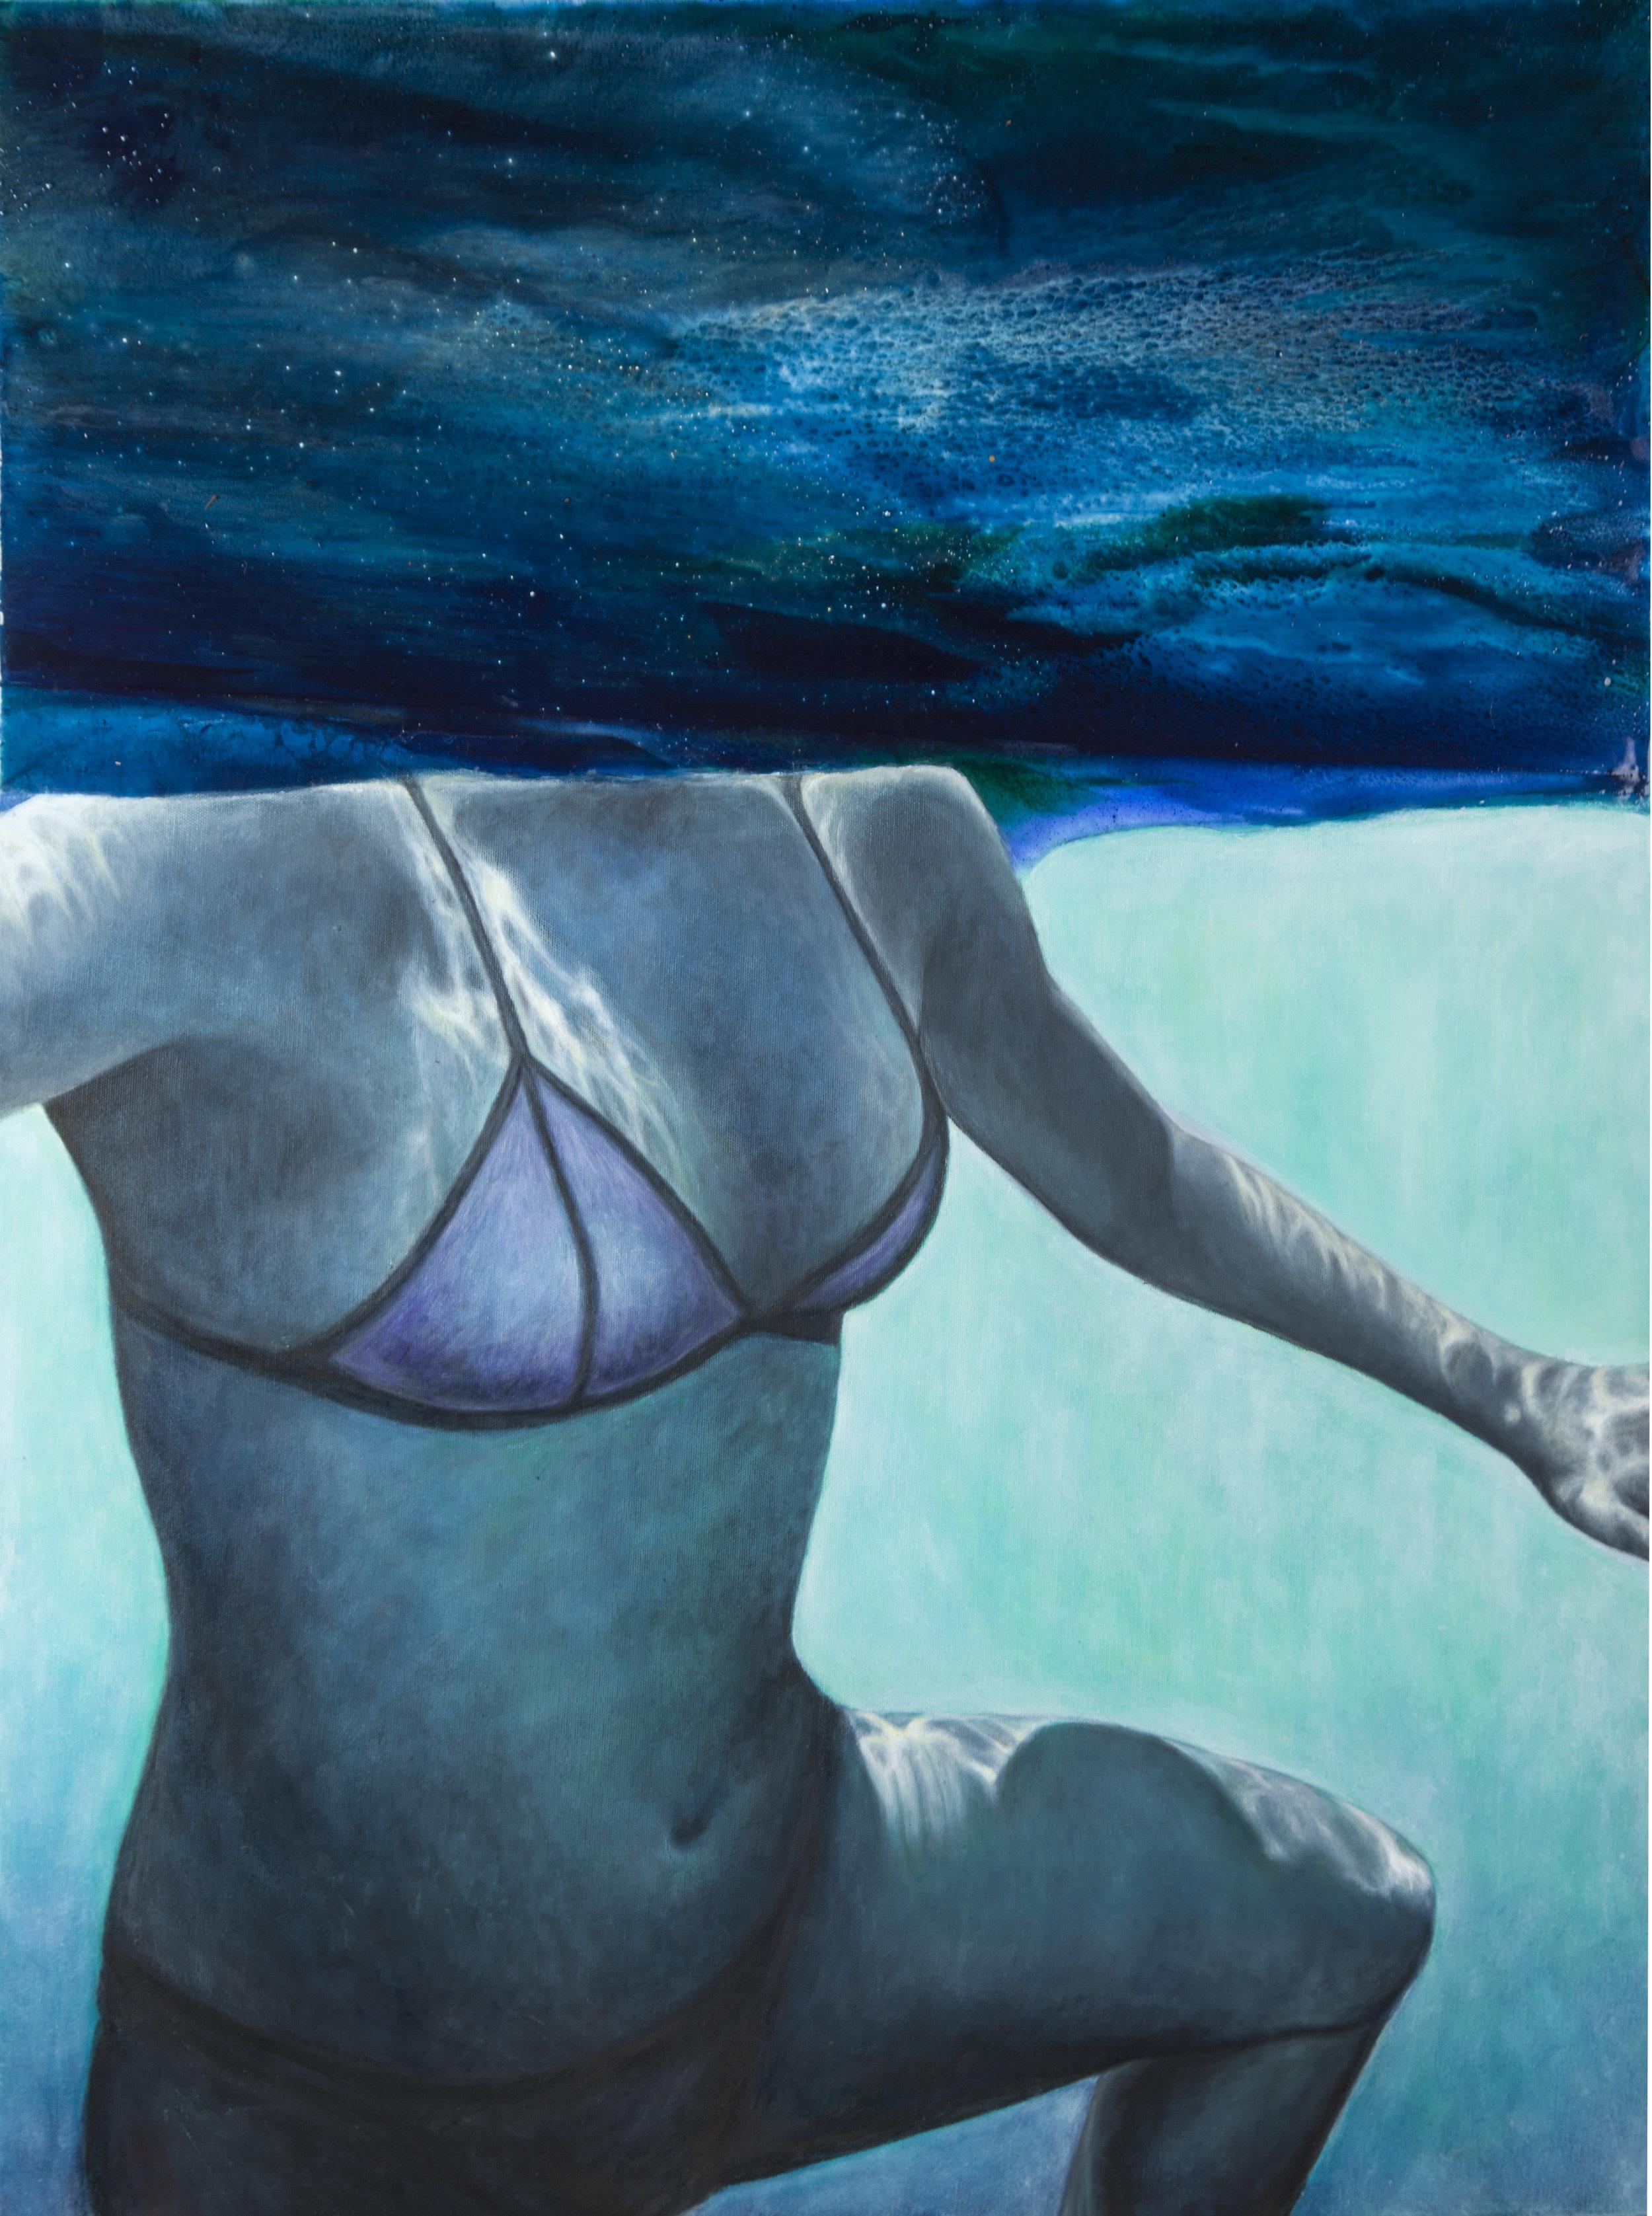 Underwater Ocean Series #4